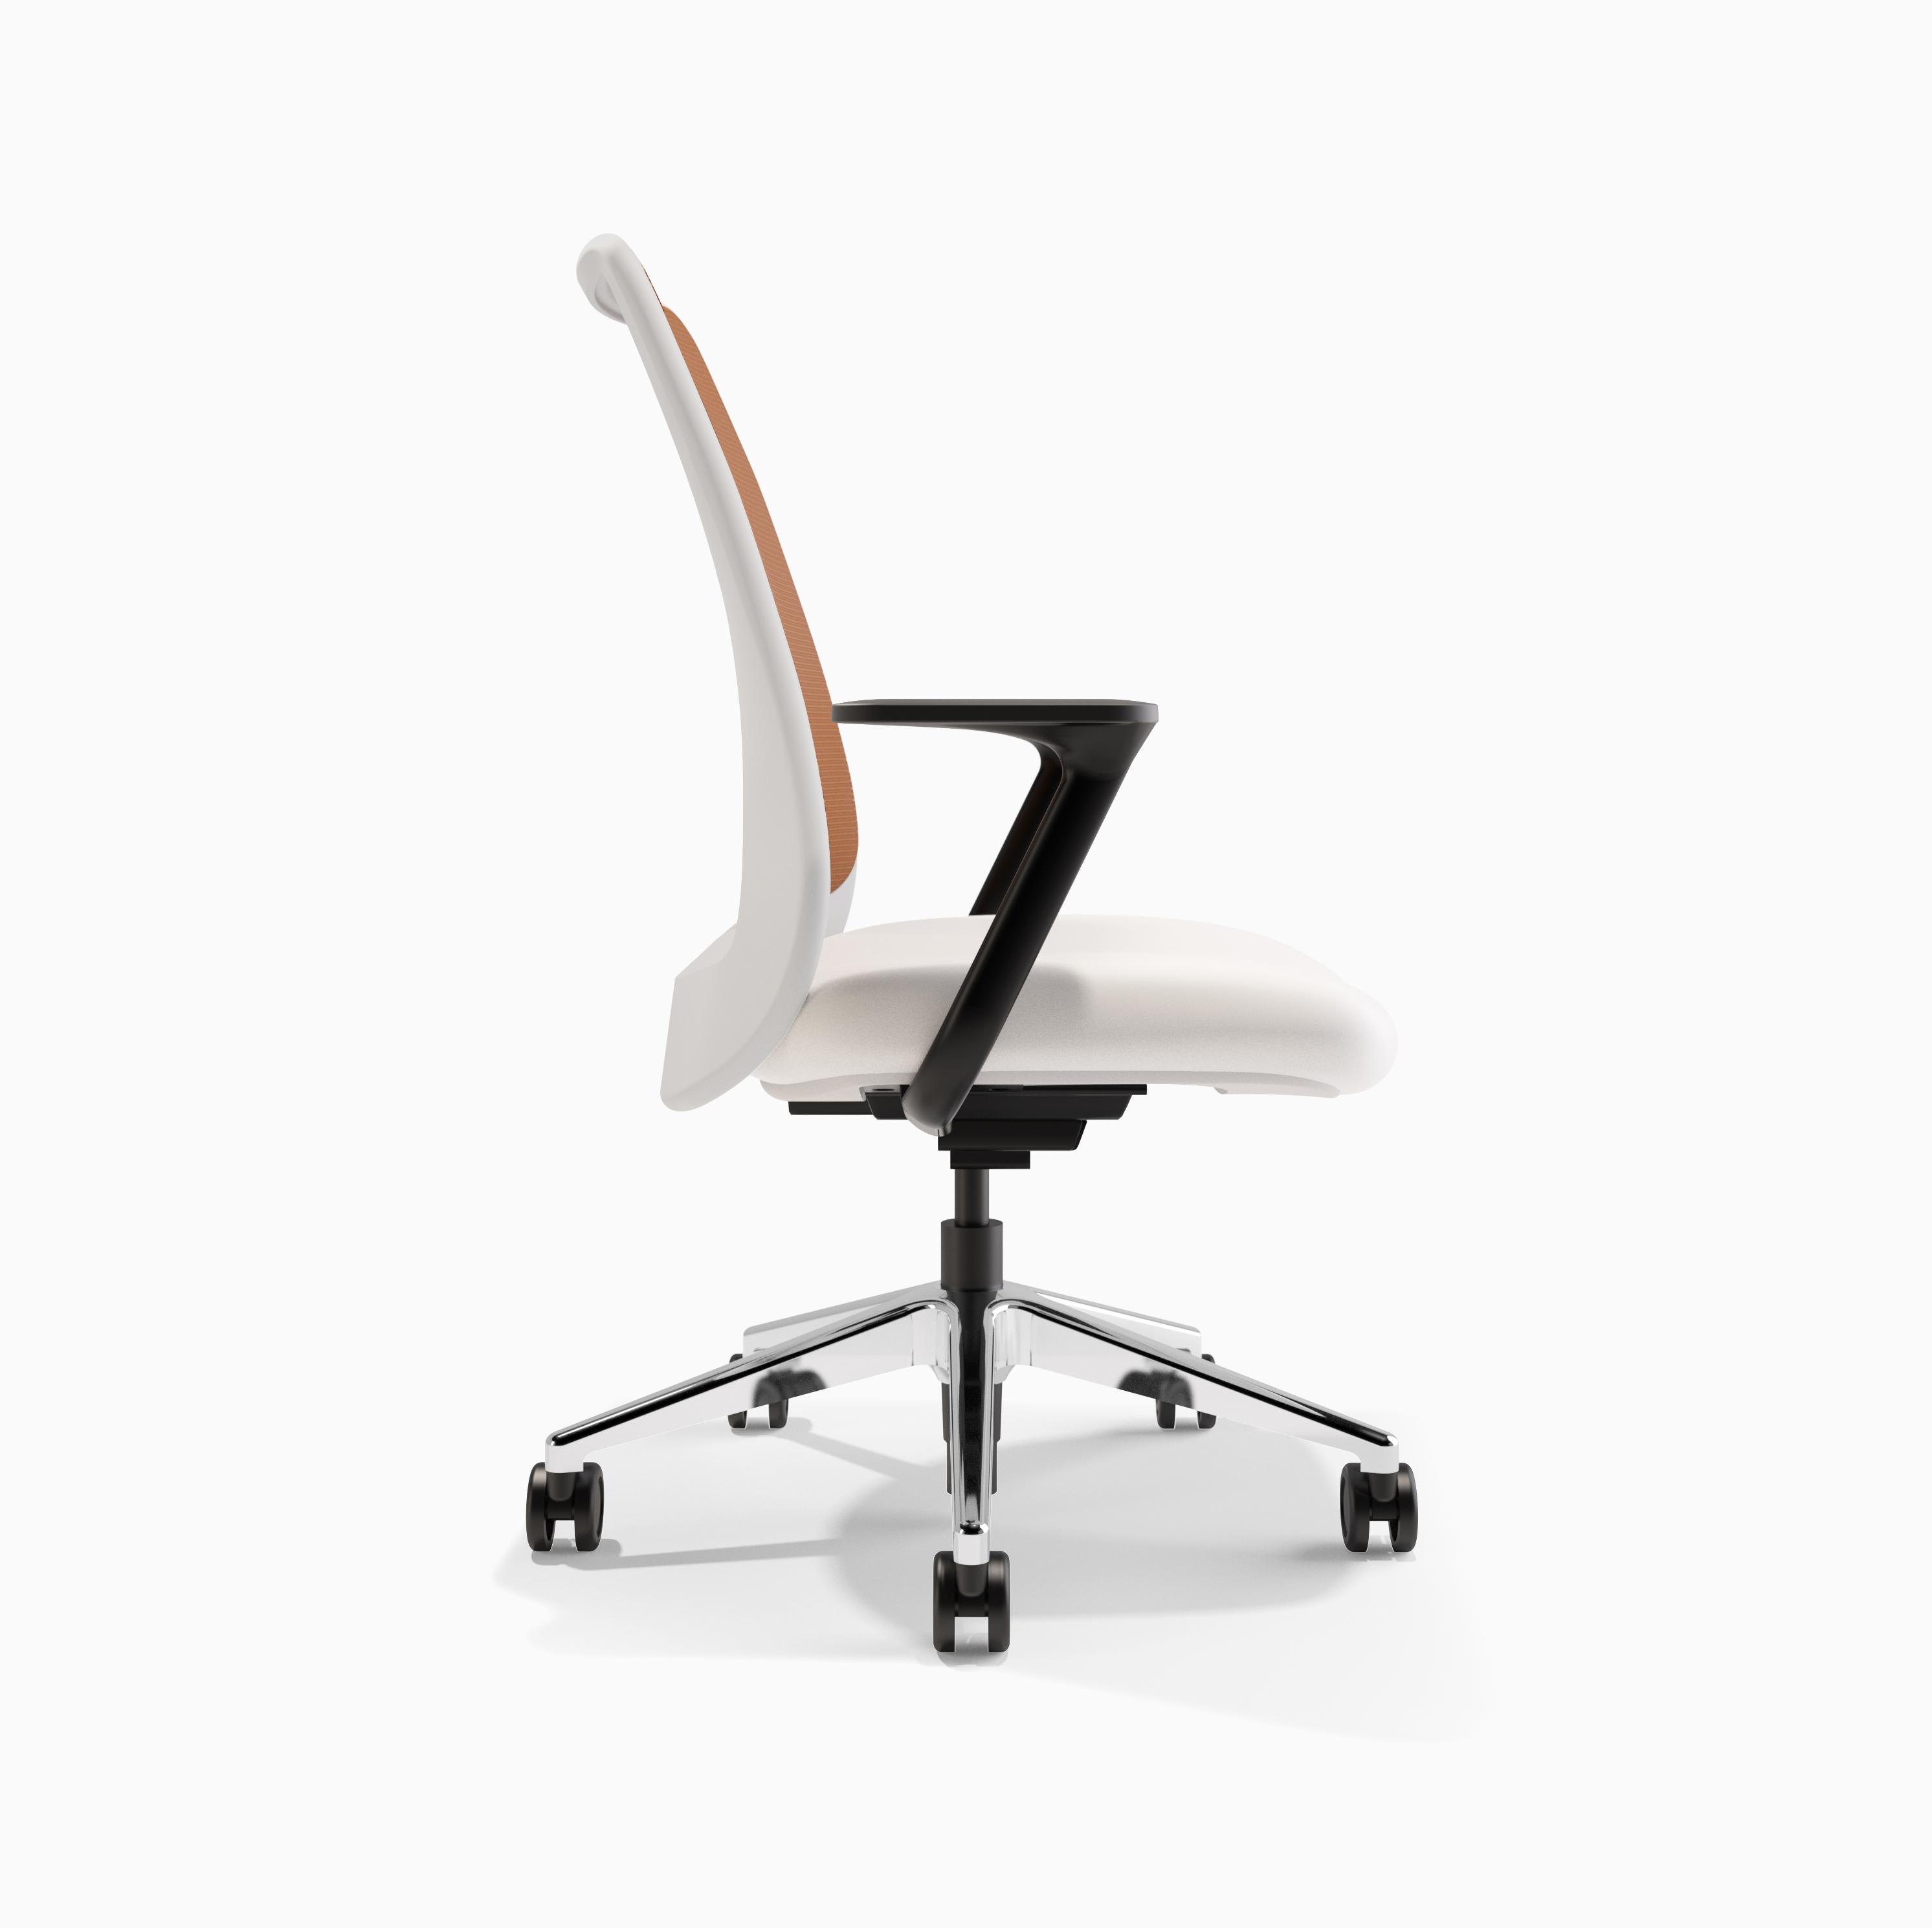 1460-1002-1011 (Genie Fix Arms Seat A).jpg